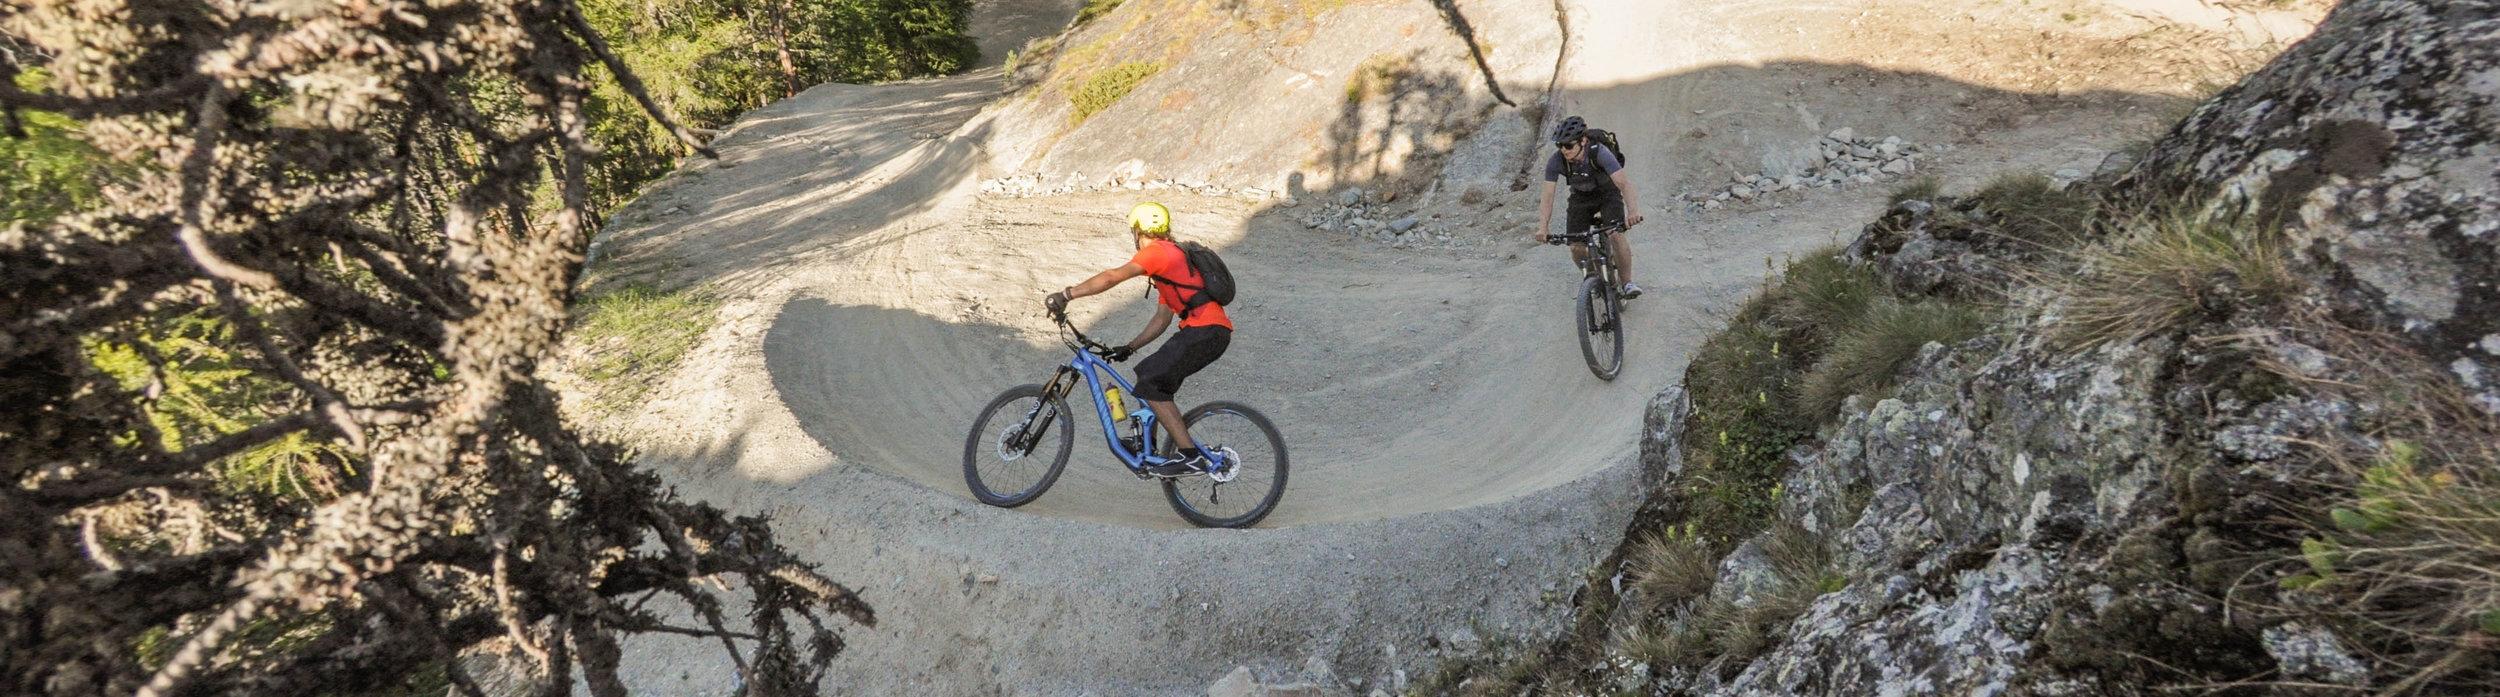 Zermatt_Mountain_Bike_School.jpg